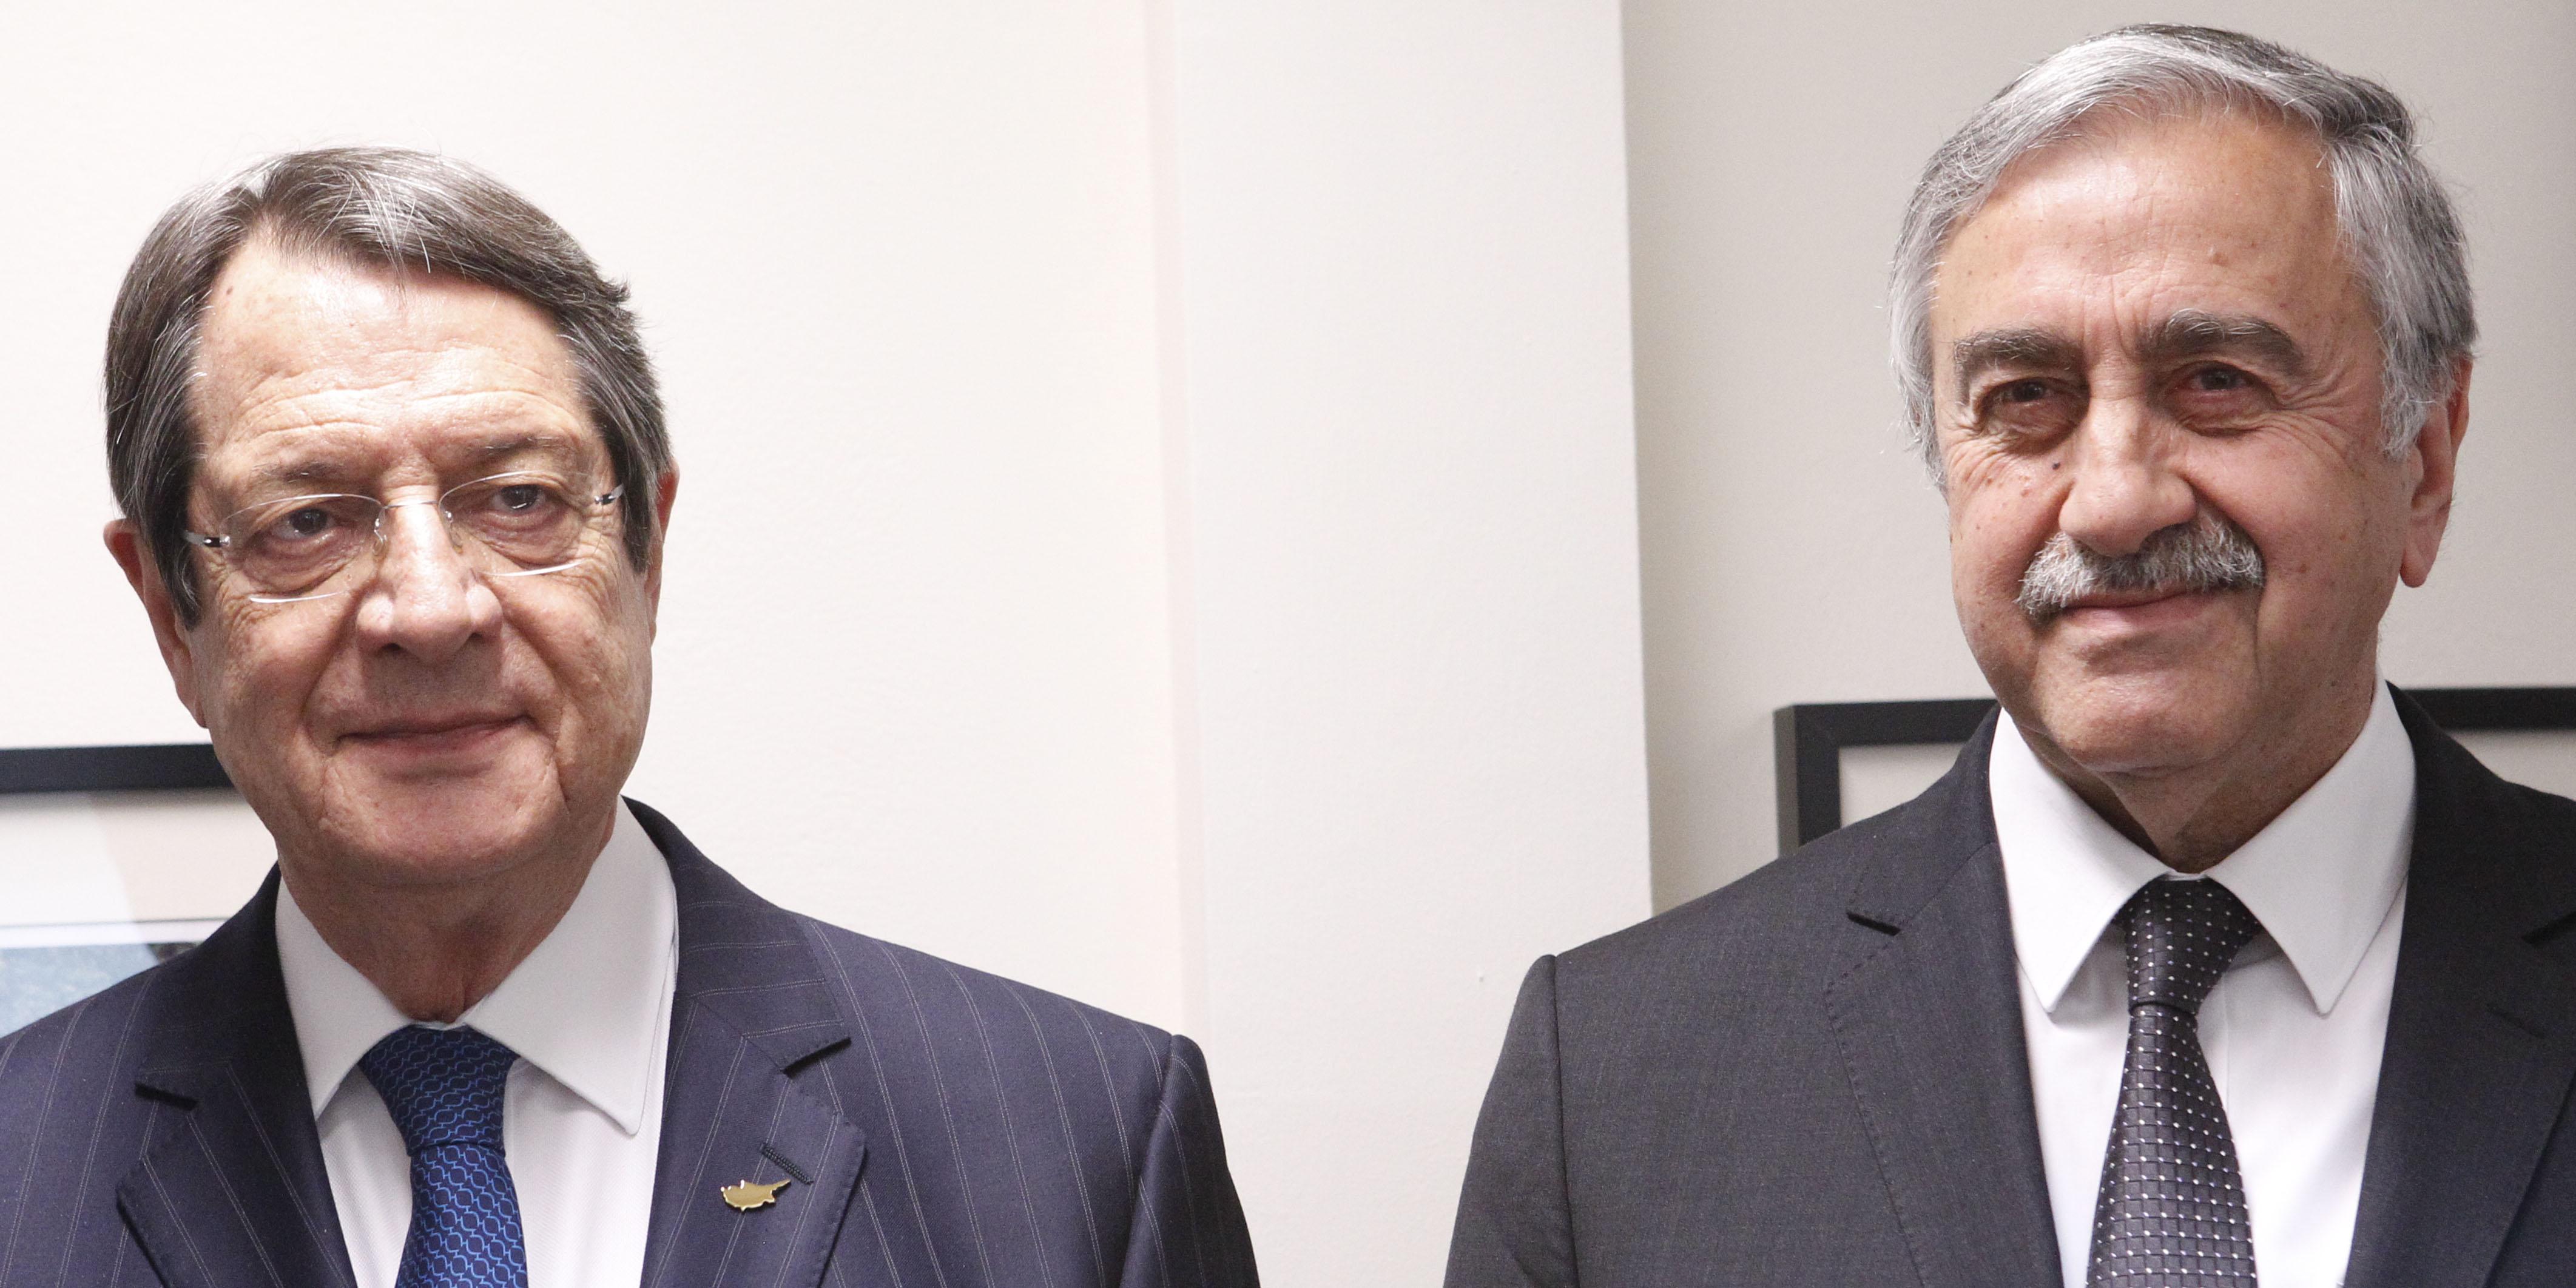 Κύπρος: Επικοινωνία Αναστασιάδη Akinci για την αύξηση των παράνομων ροών προς την Κυπριακή Δημοκρατία